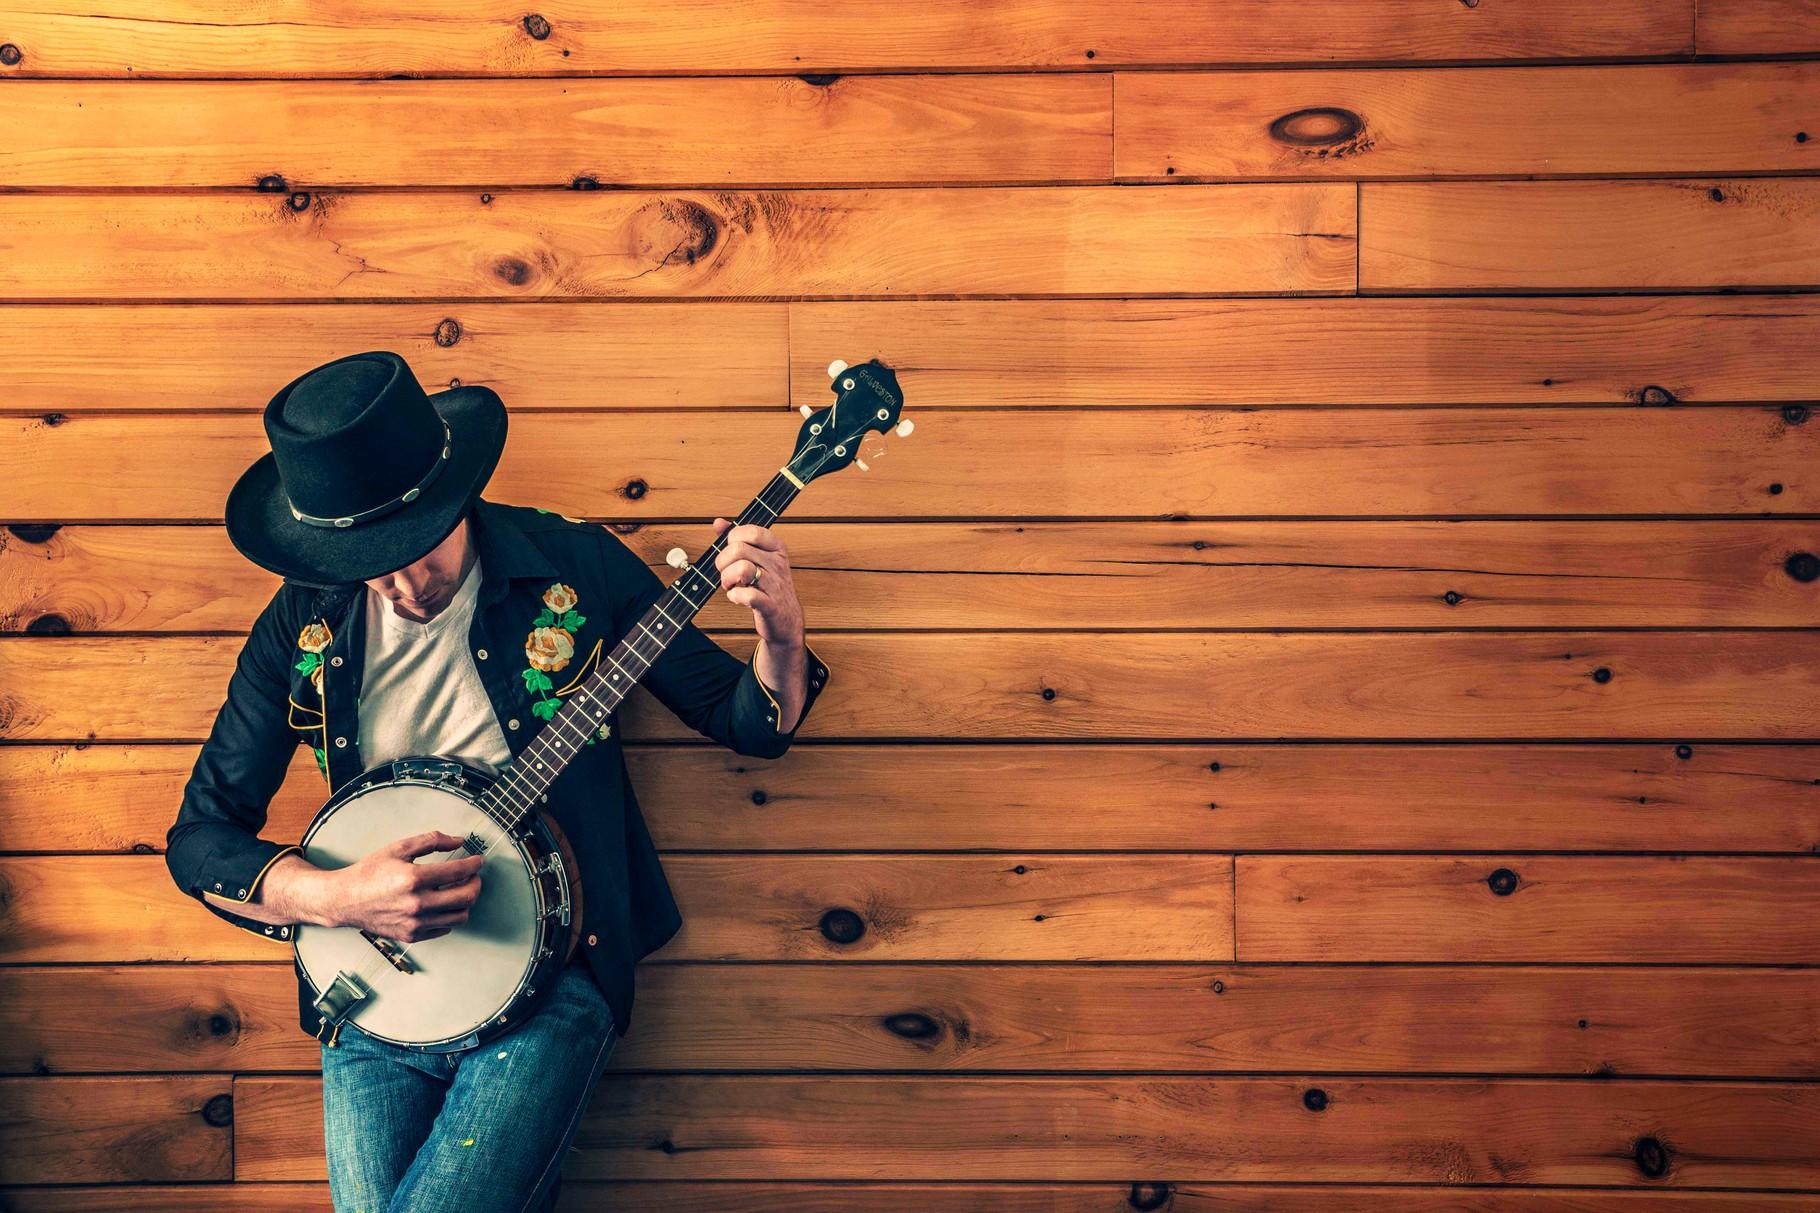 Gitarre Musiker Wand Hochzeitsmusik